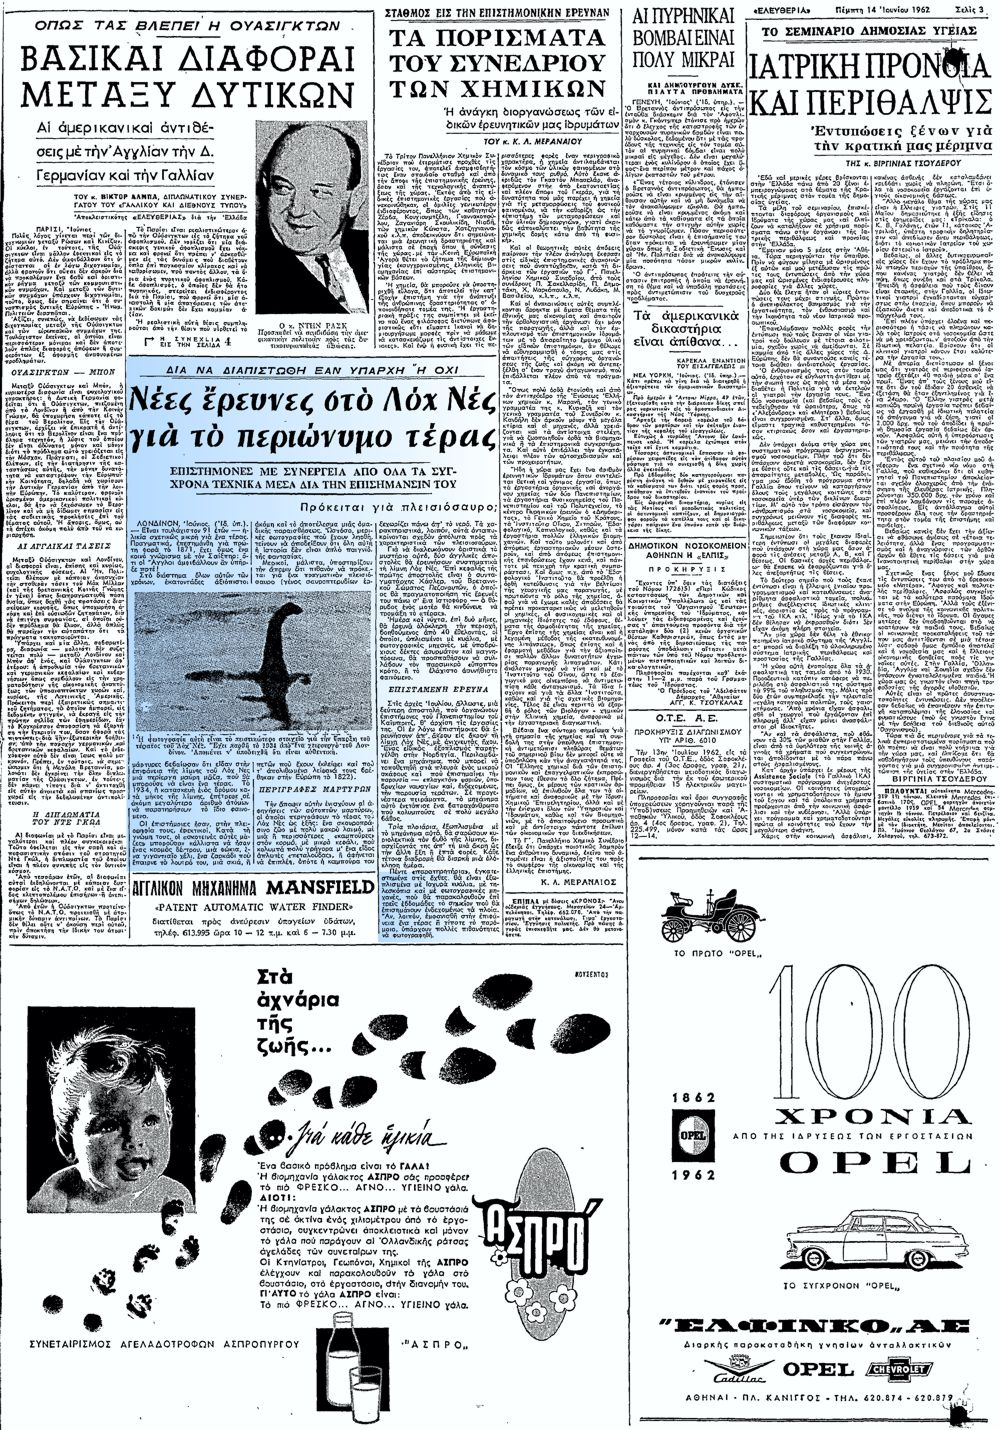 """Το άρθρο, όπως δημοσιεύθηκε στην εφημερίδα """"ΕΛΕΥΘΕΡΙΑ"""", στις 14/06/1962"""